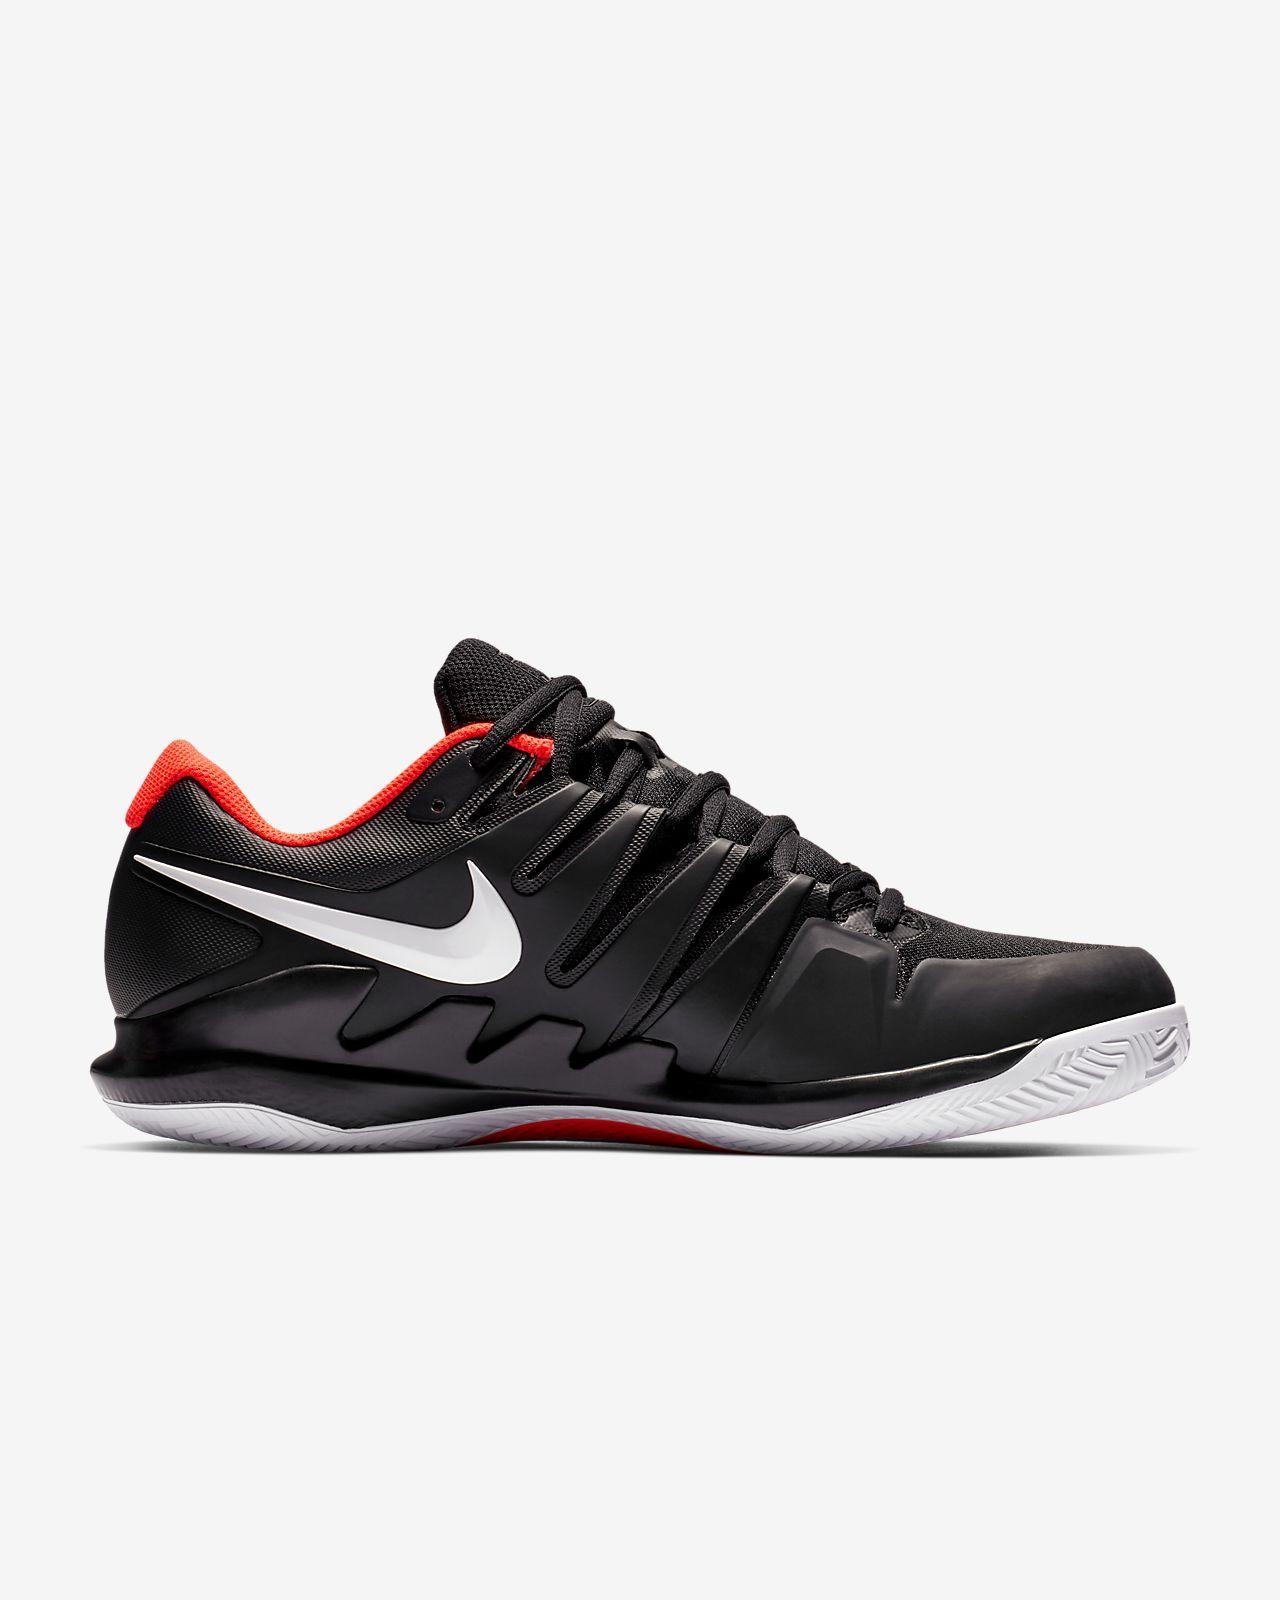 4cefe7729f92 NikeCourt Air Zoom Vapor X Men's Clay Tennis Shoe. Nike.com AE